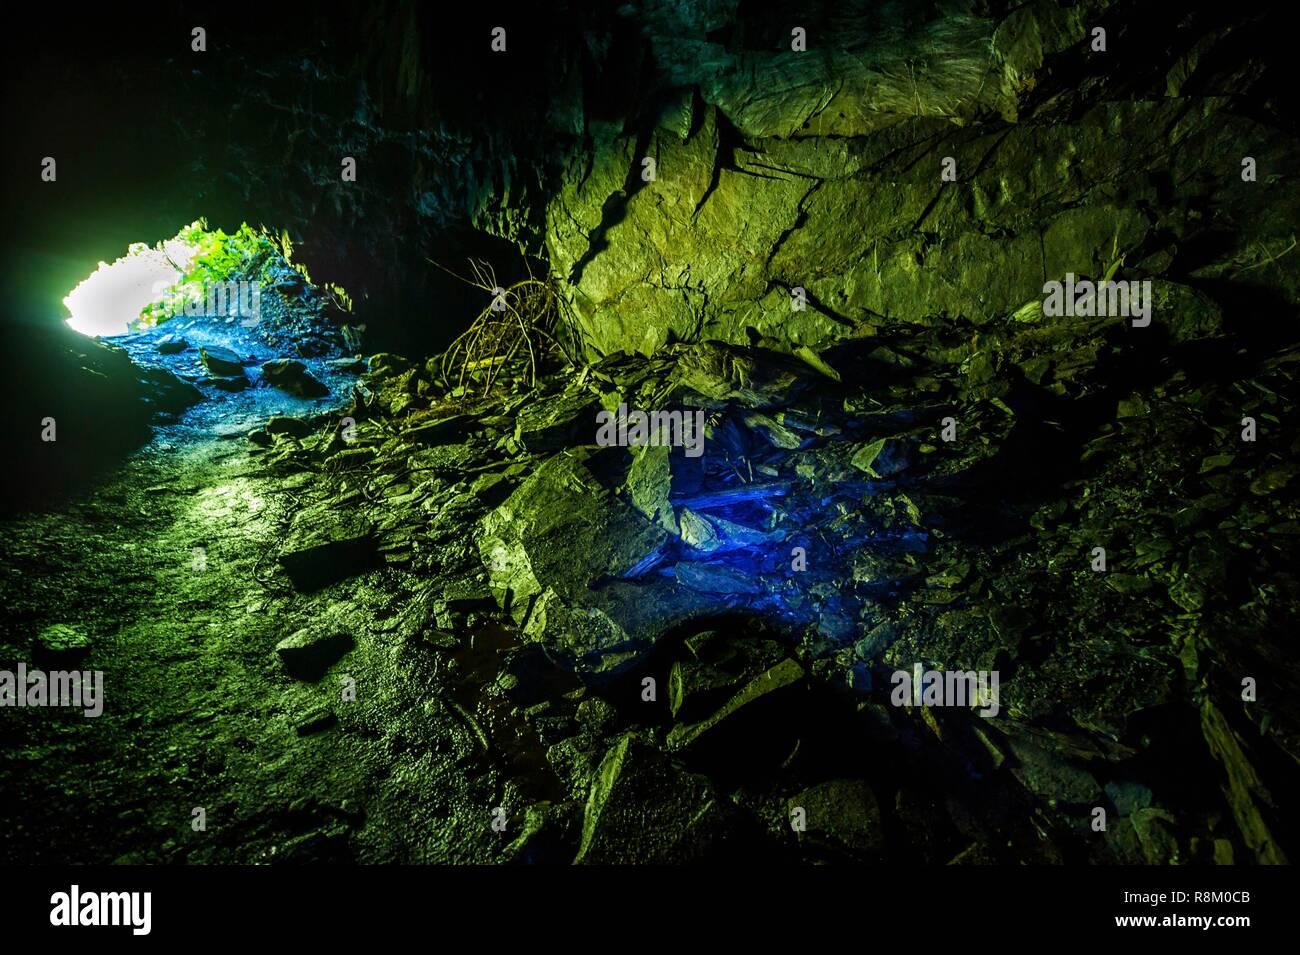 La Svizzera, Vallese, Val Ferret, Tour du Mt Blanc, tra La Fouly e Champex, Les Essarts, antica miniera di ferro, zolfo e piombo Immagini Stock